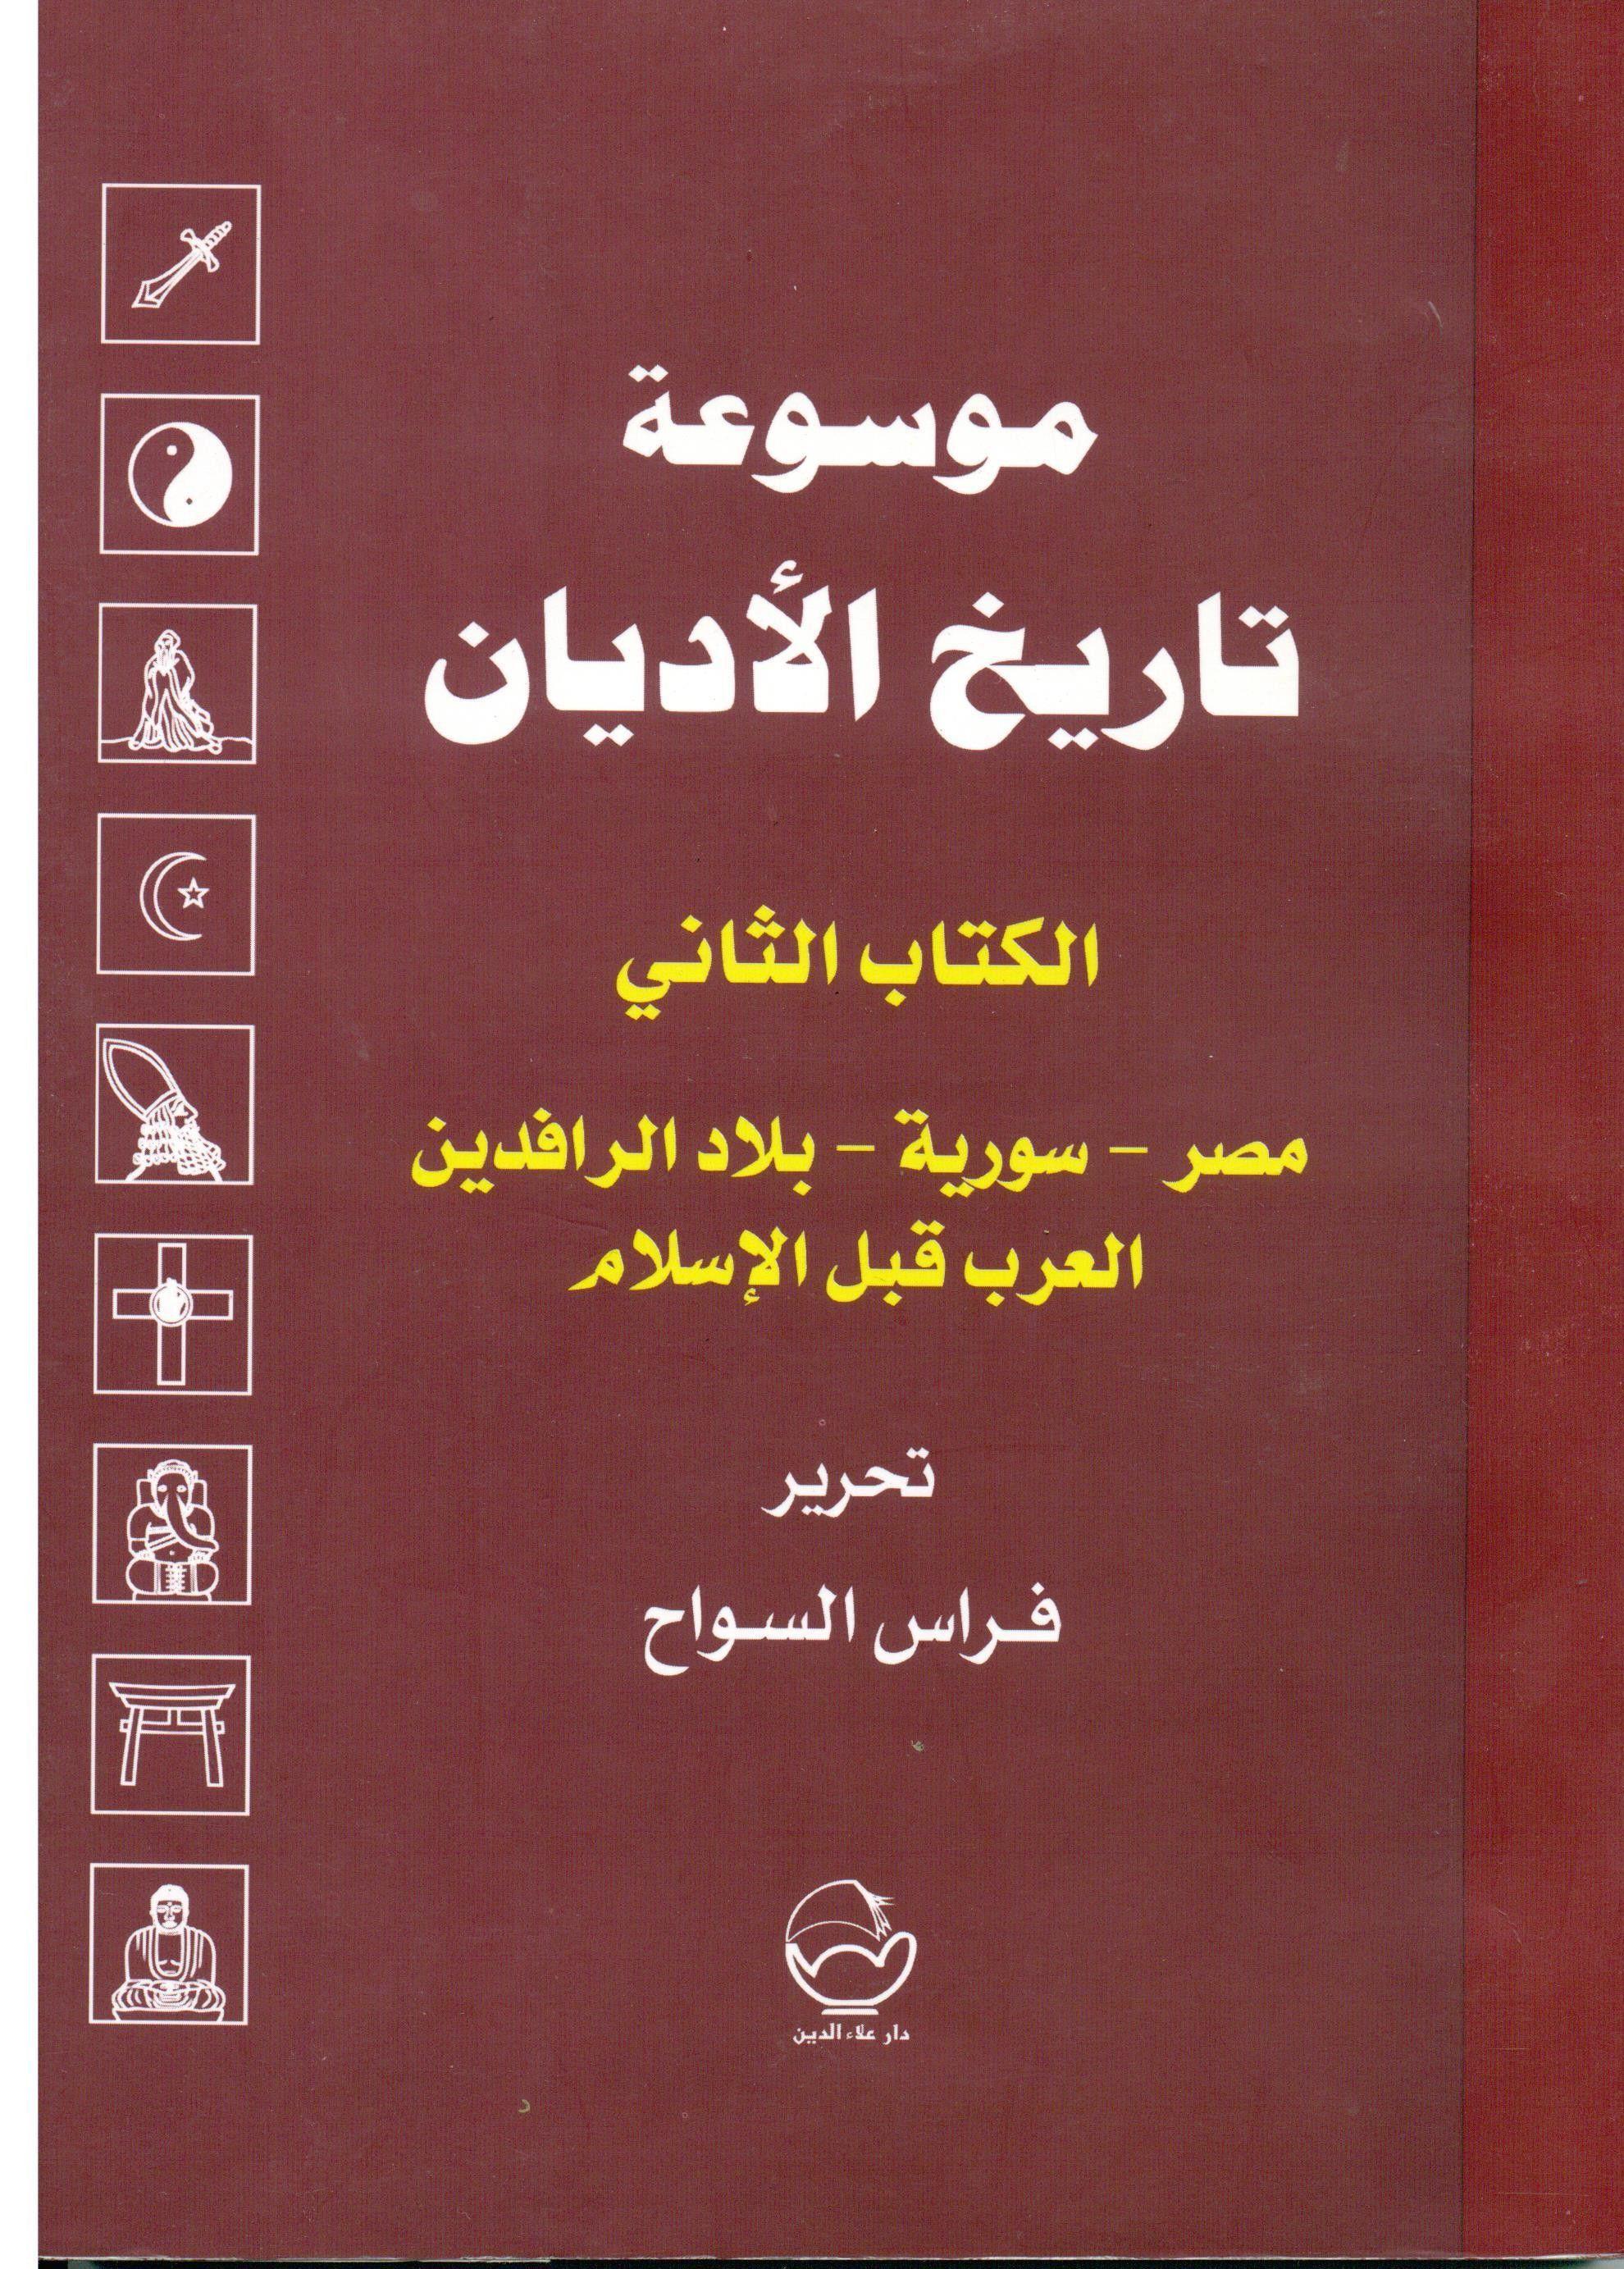 موسوعة تاريخ الأديان فراس السواح Pdf Arabic Books Book Worth Reading Books